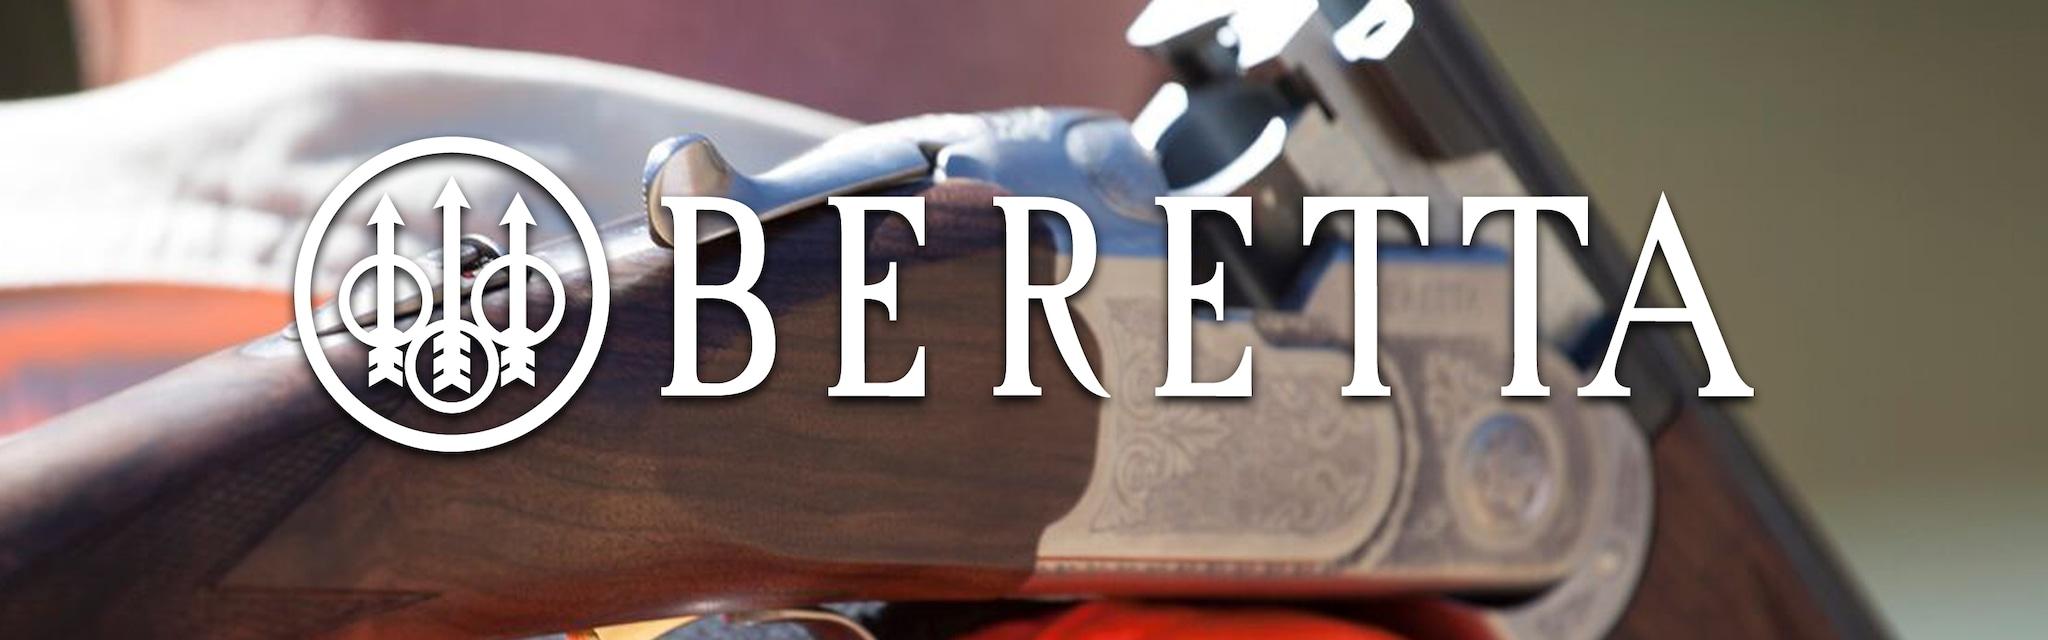 BERETTA BRAND BANNER